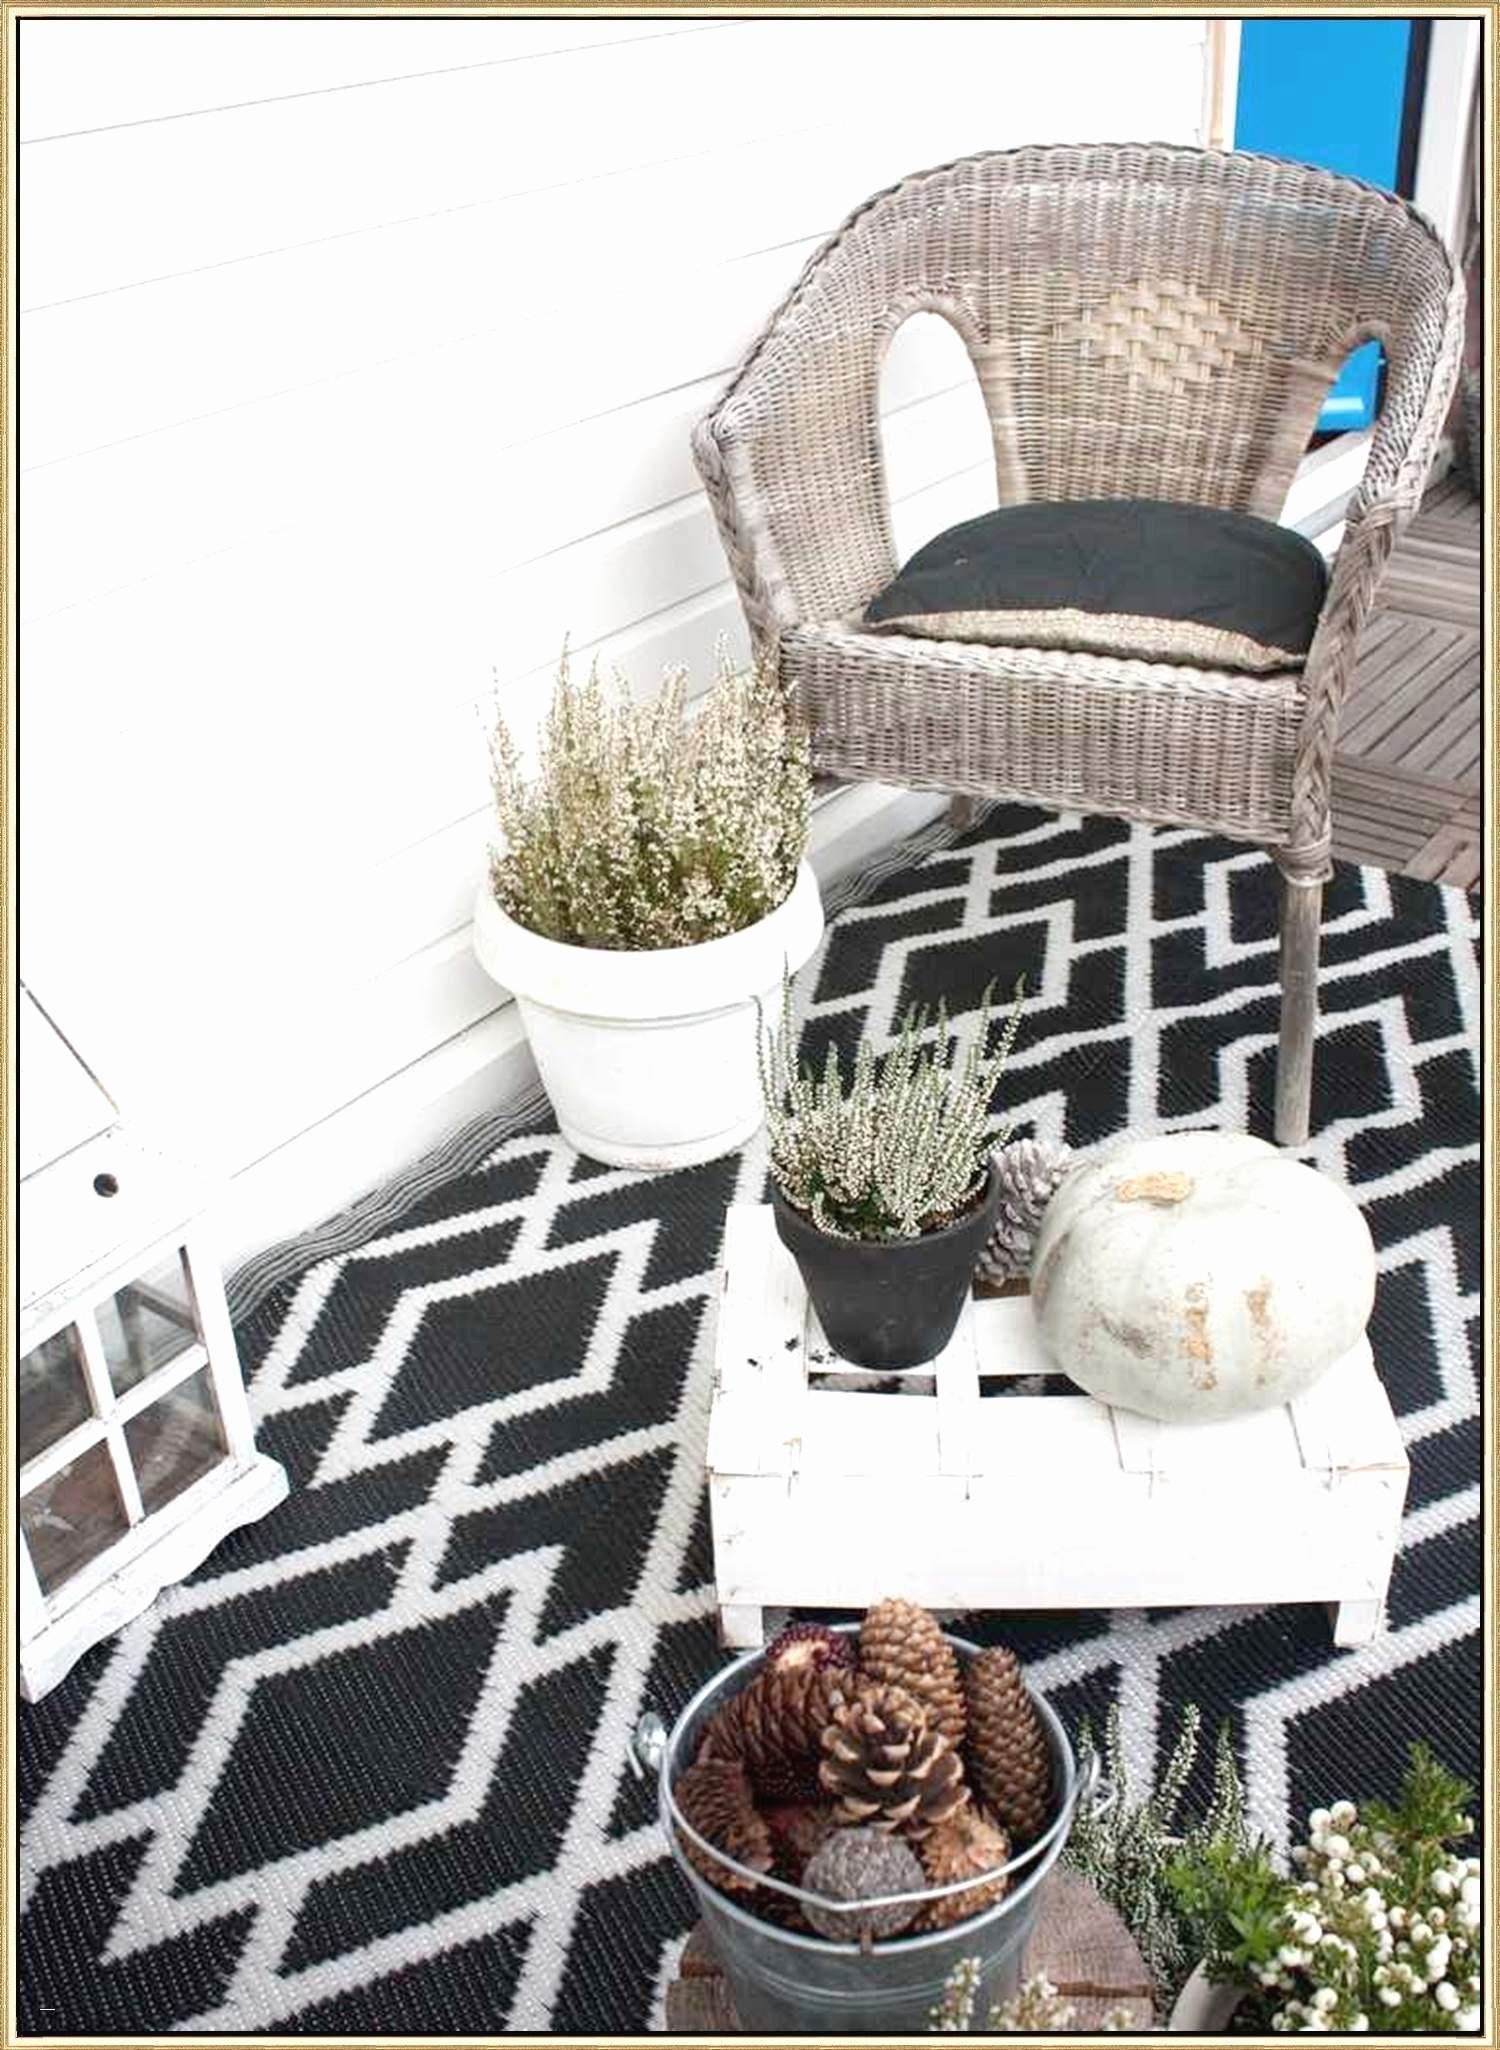 balkon ideen ikea luxus teppich wohnzimmer teppich im wohnzimmer best runder teppich 0d of balkon ideen ikea